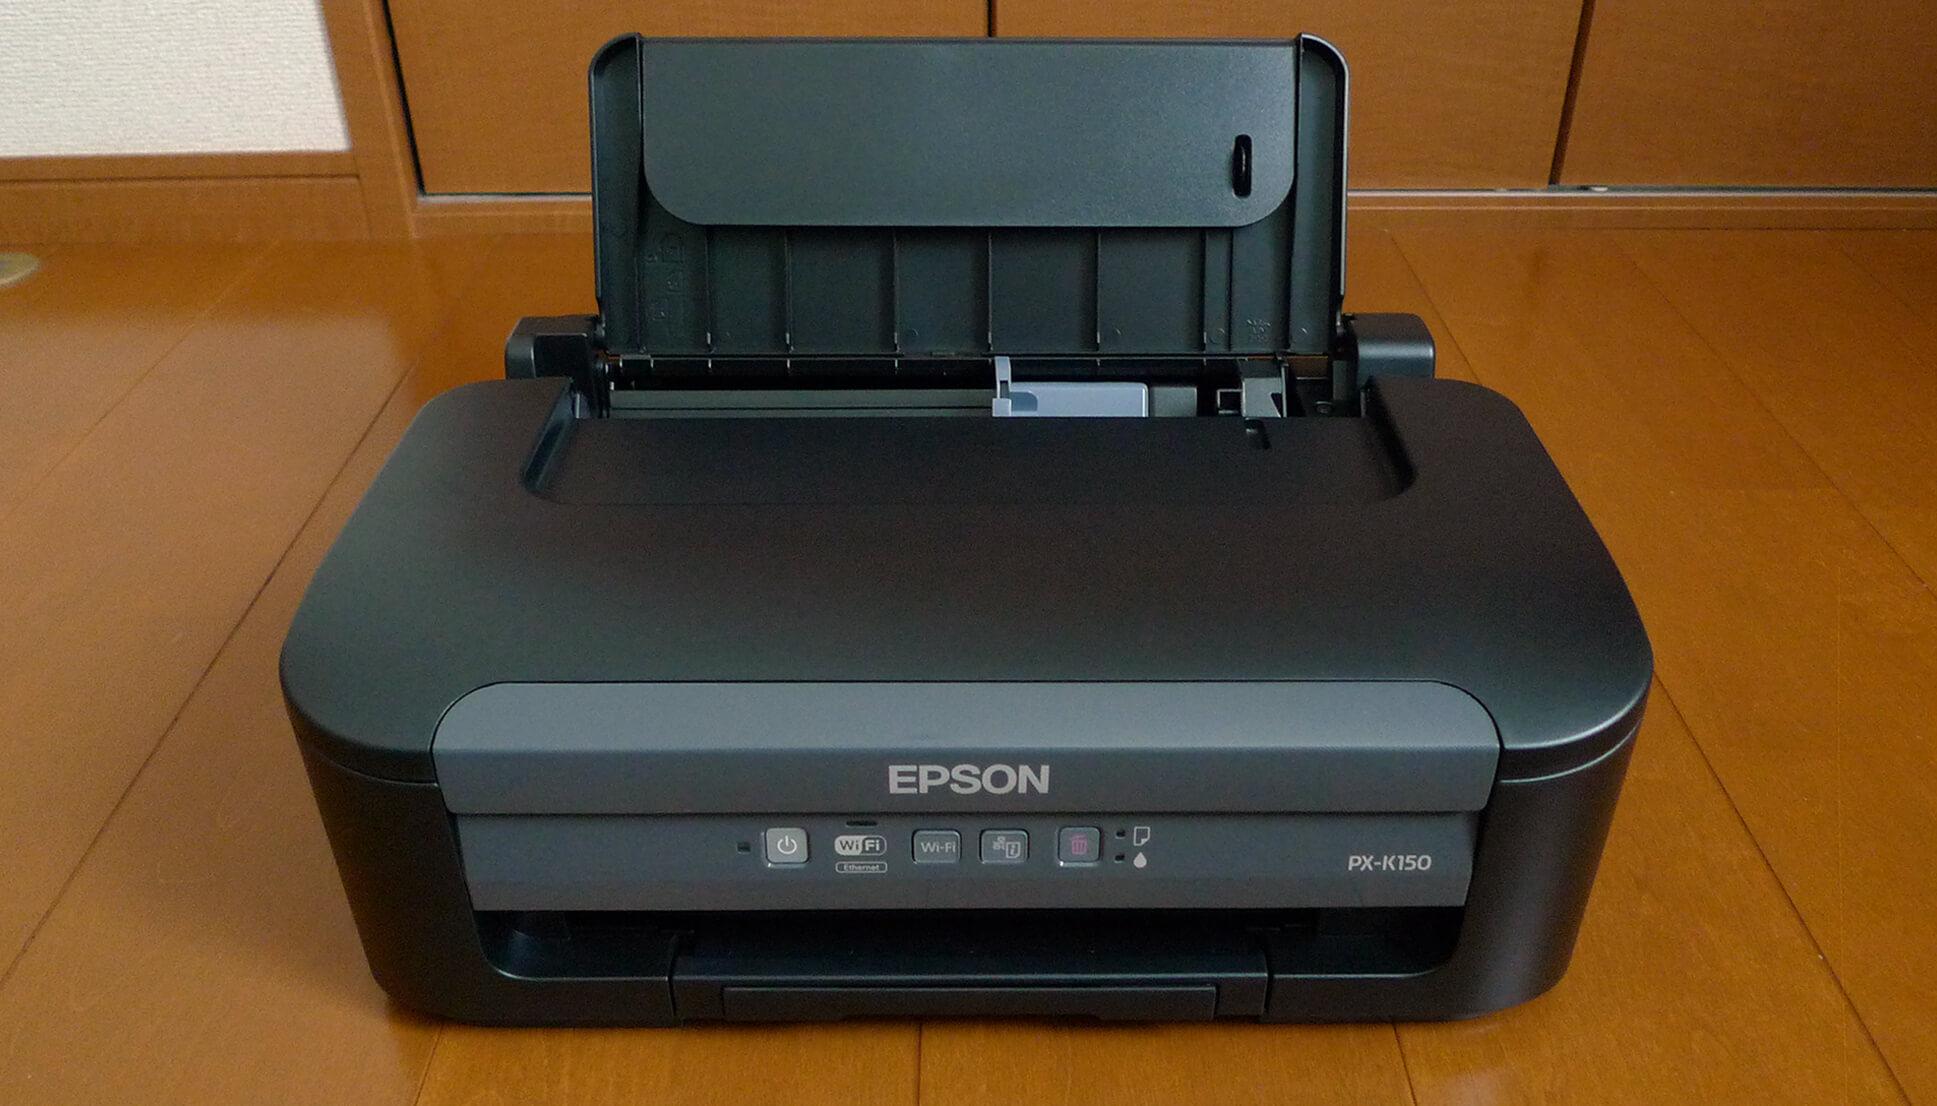 エプソン モノクロプリンター PX-K150 使用感